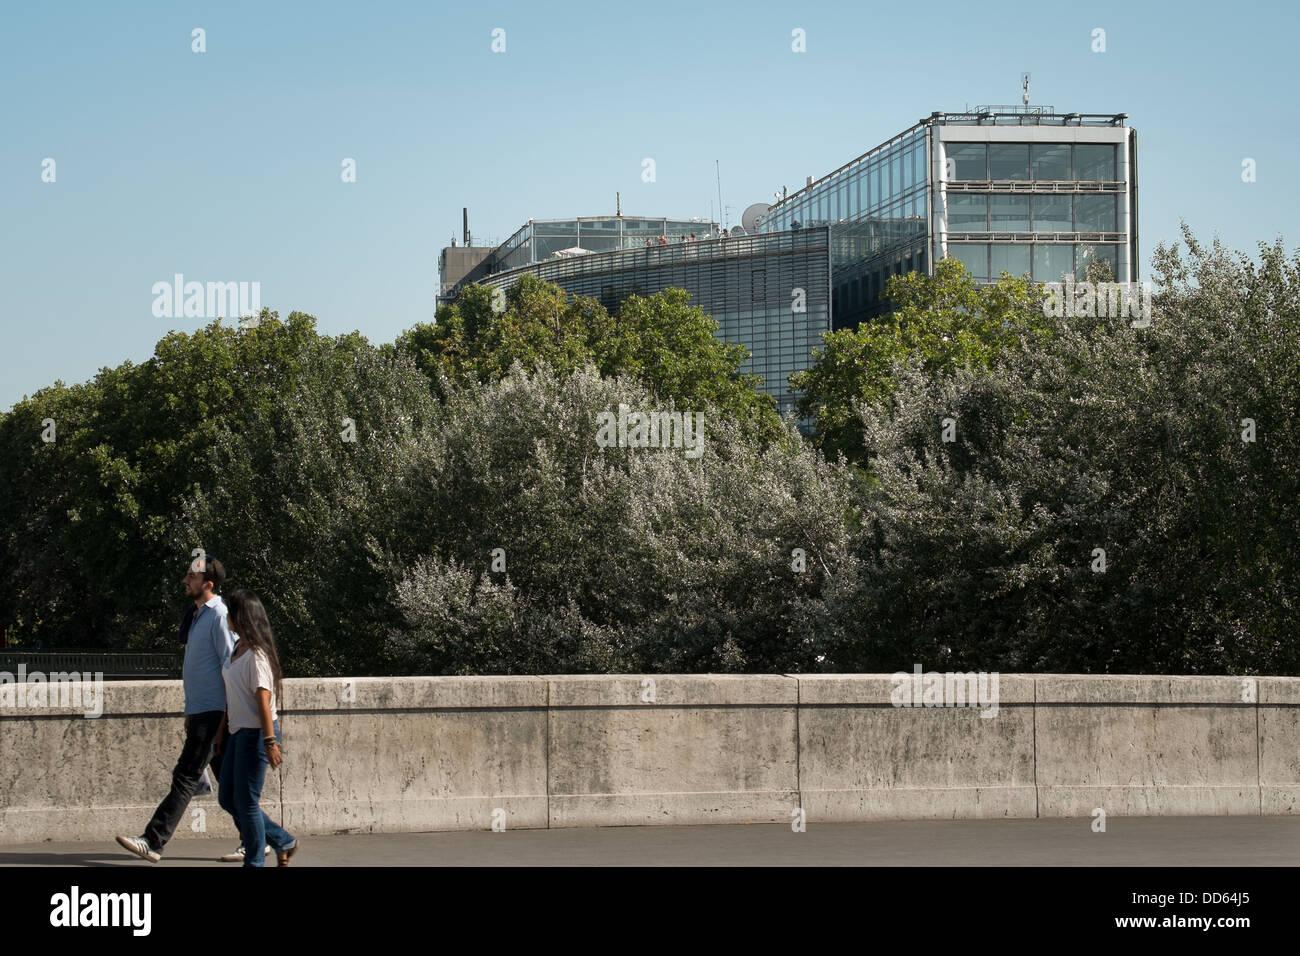 Arab World Institute in Paris, France. - Stock Image